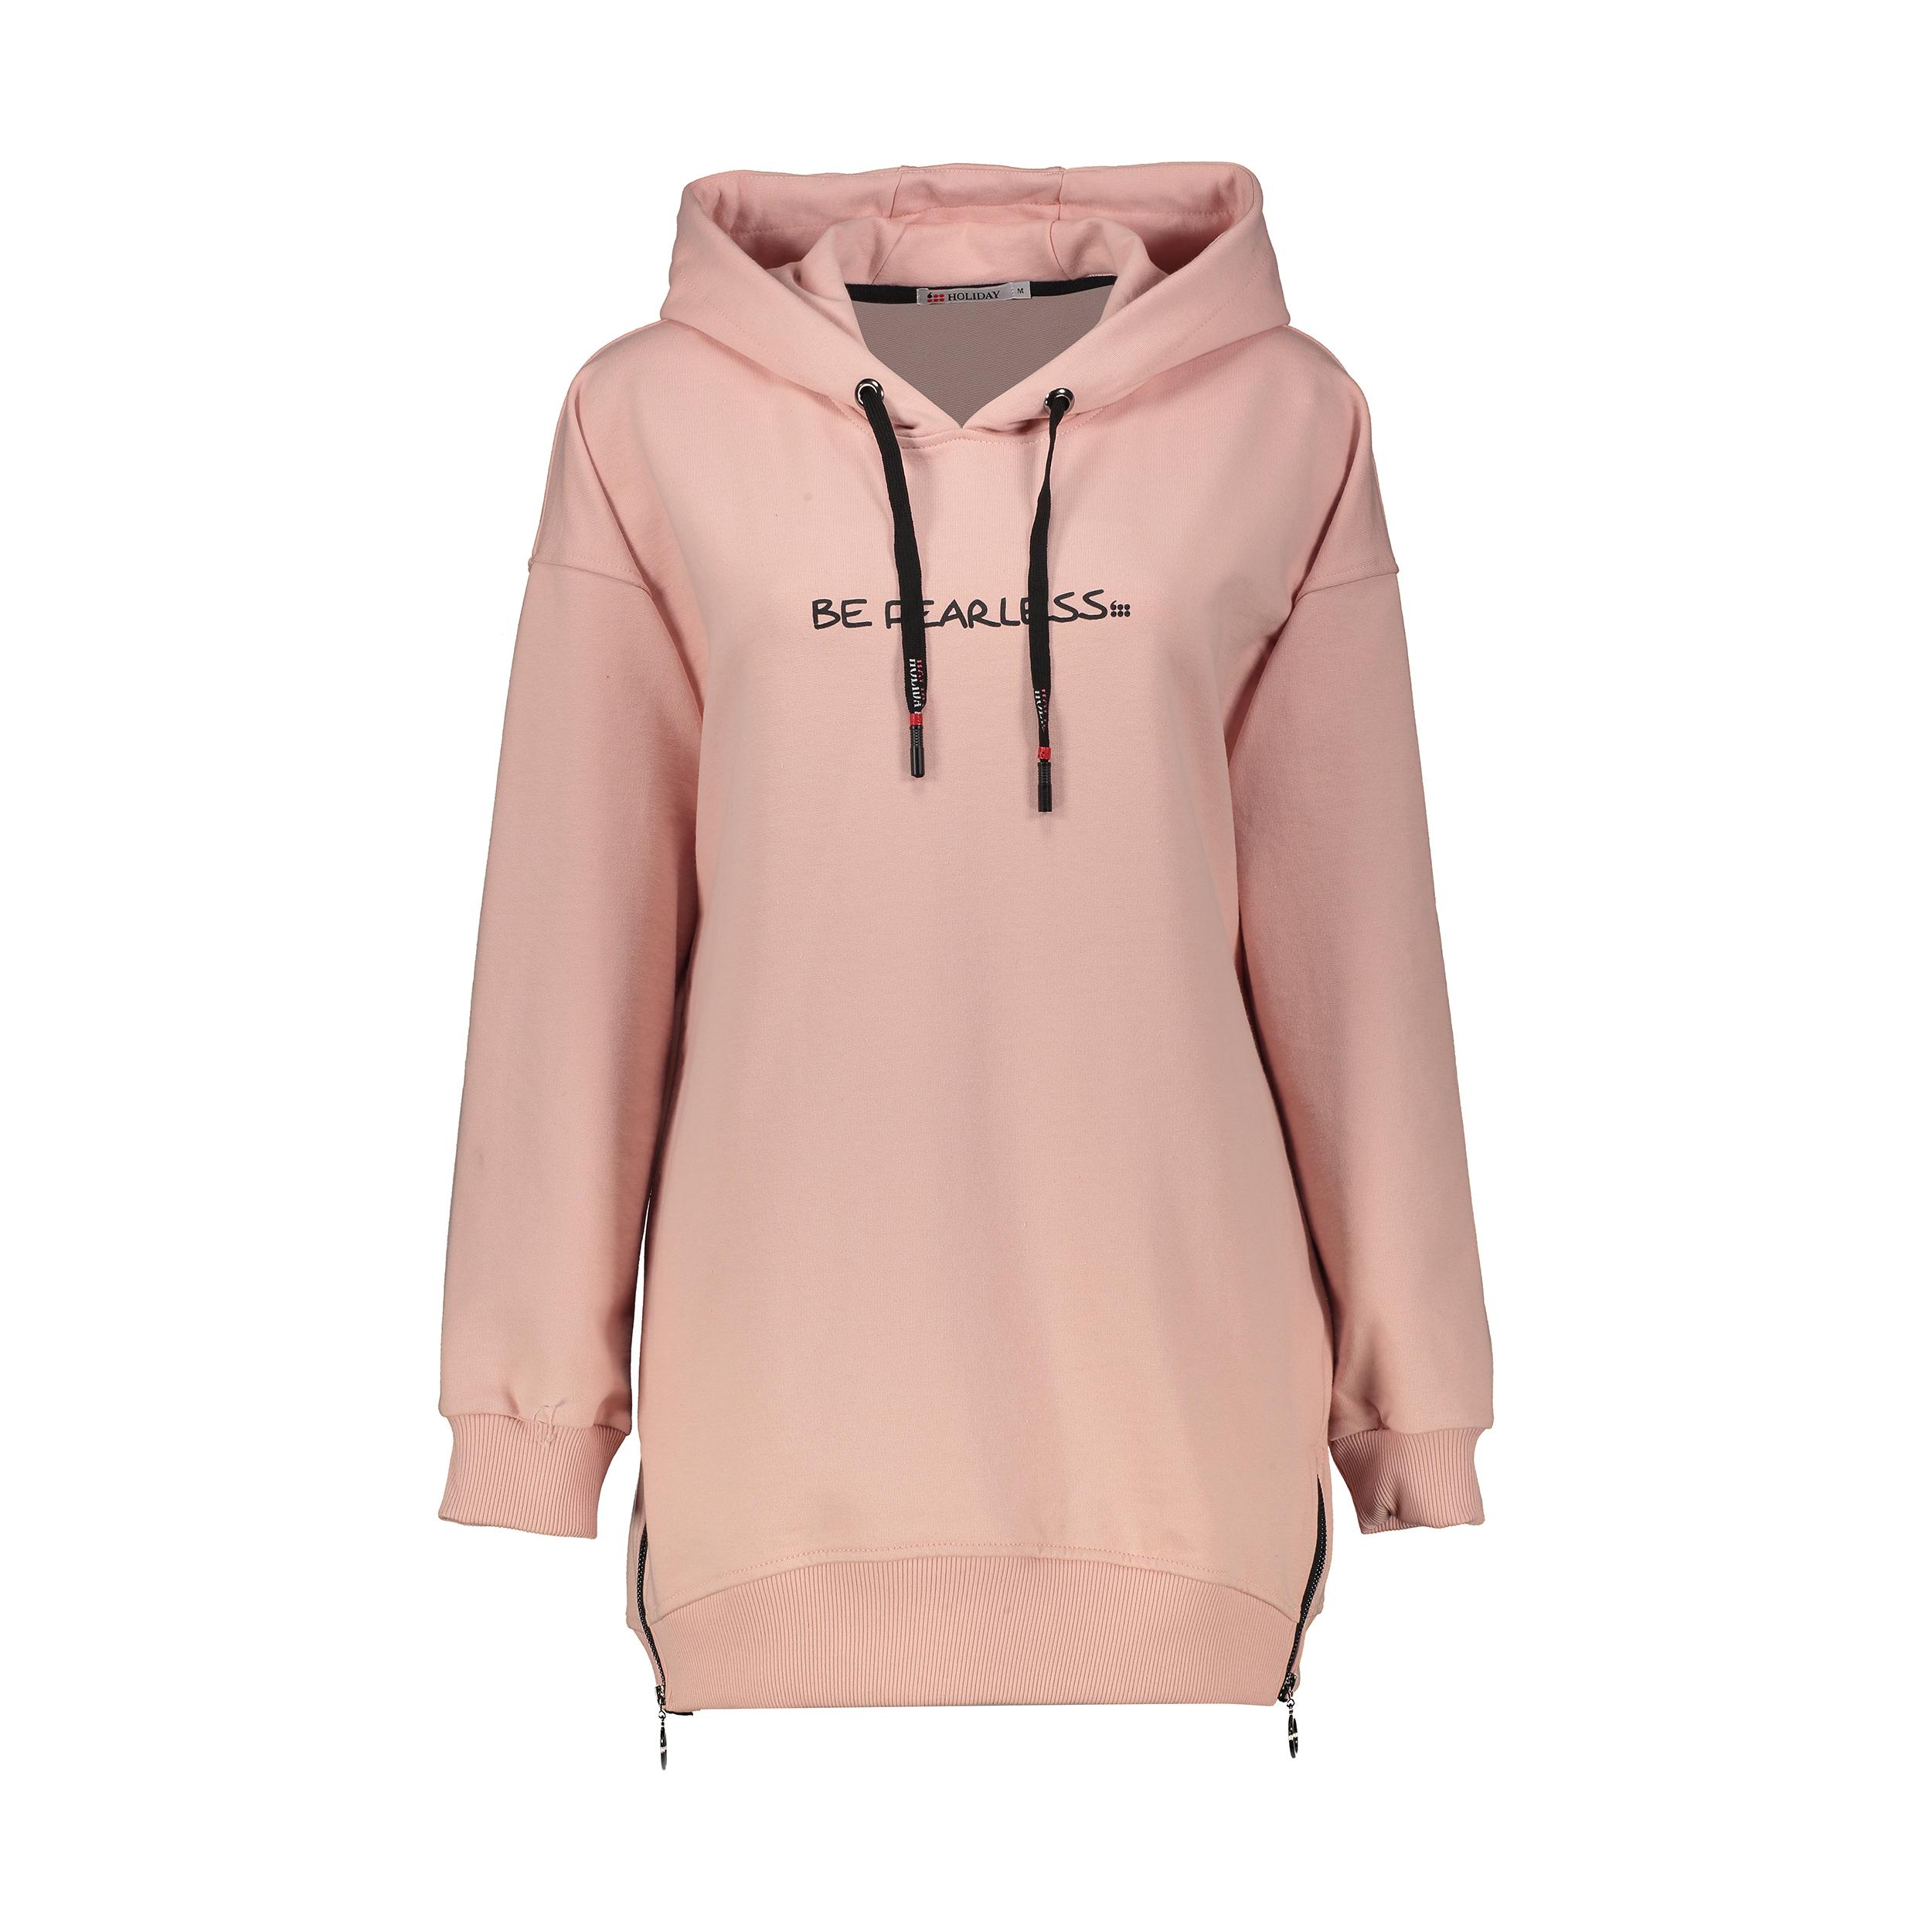 هودی ورزشی زنانه هالیدی مدل 851744-dark pink